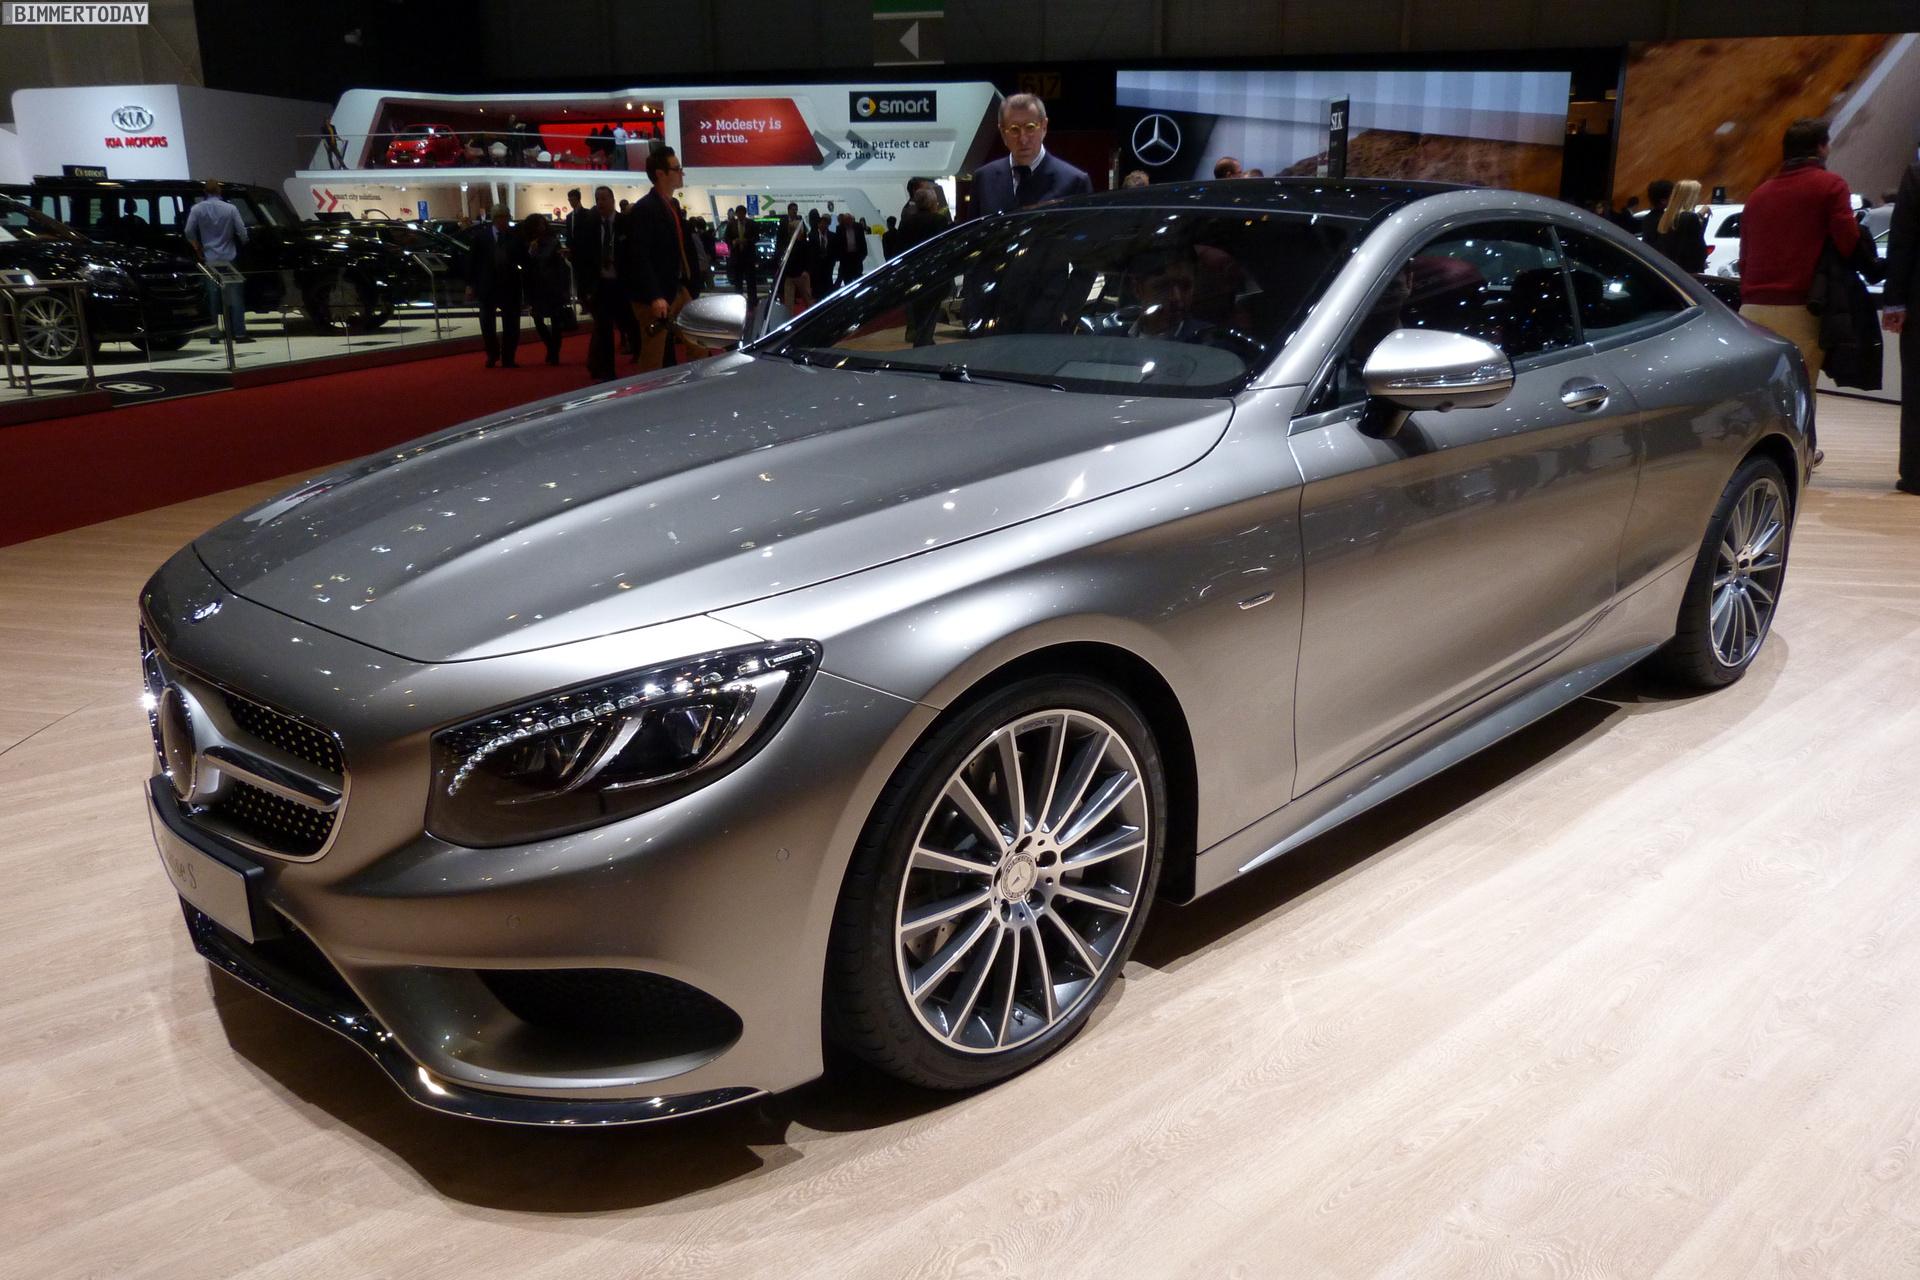 2014 Mercedes Benz S Klasse Coupe Genf Autosalon Live Fotos 01